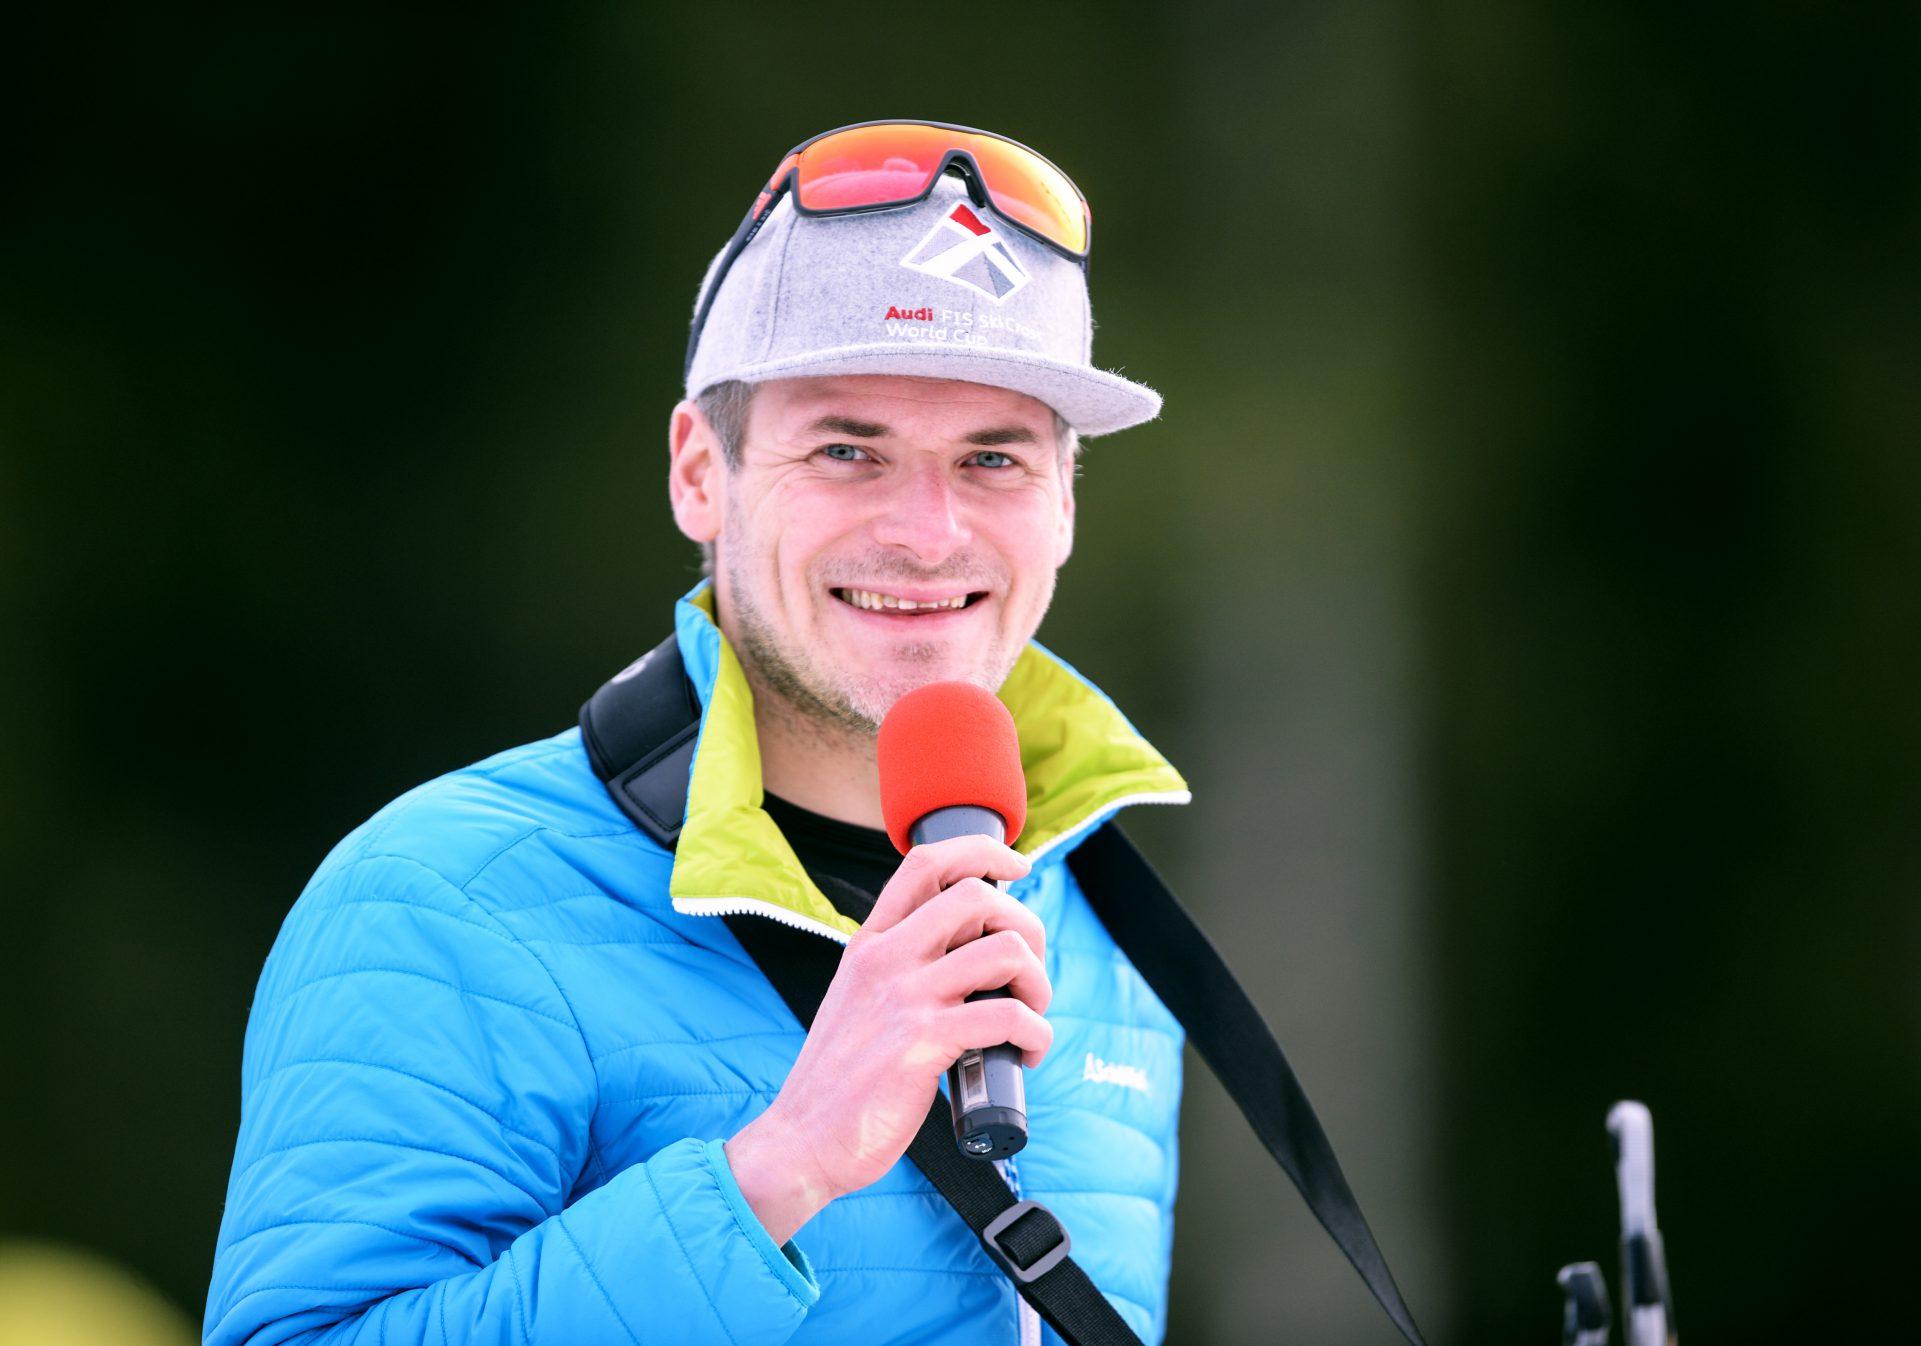 Stefan Lubowitzki ist Stadionsprecher und Moderator beim Deutschlandpokal Biathlon Verfolgung im Nordic-Center Notschrei am Sonntag 07.01.2018. Bild stammt vom Fotografen Patrick Seeger